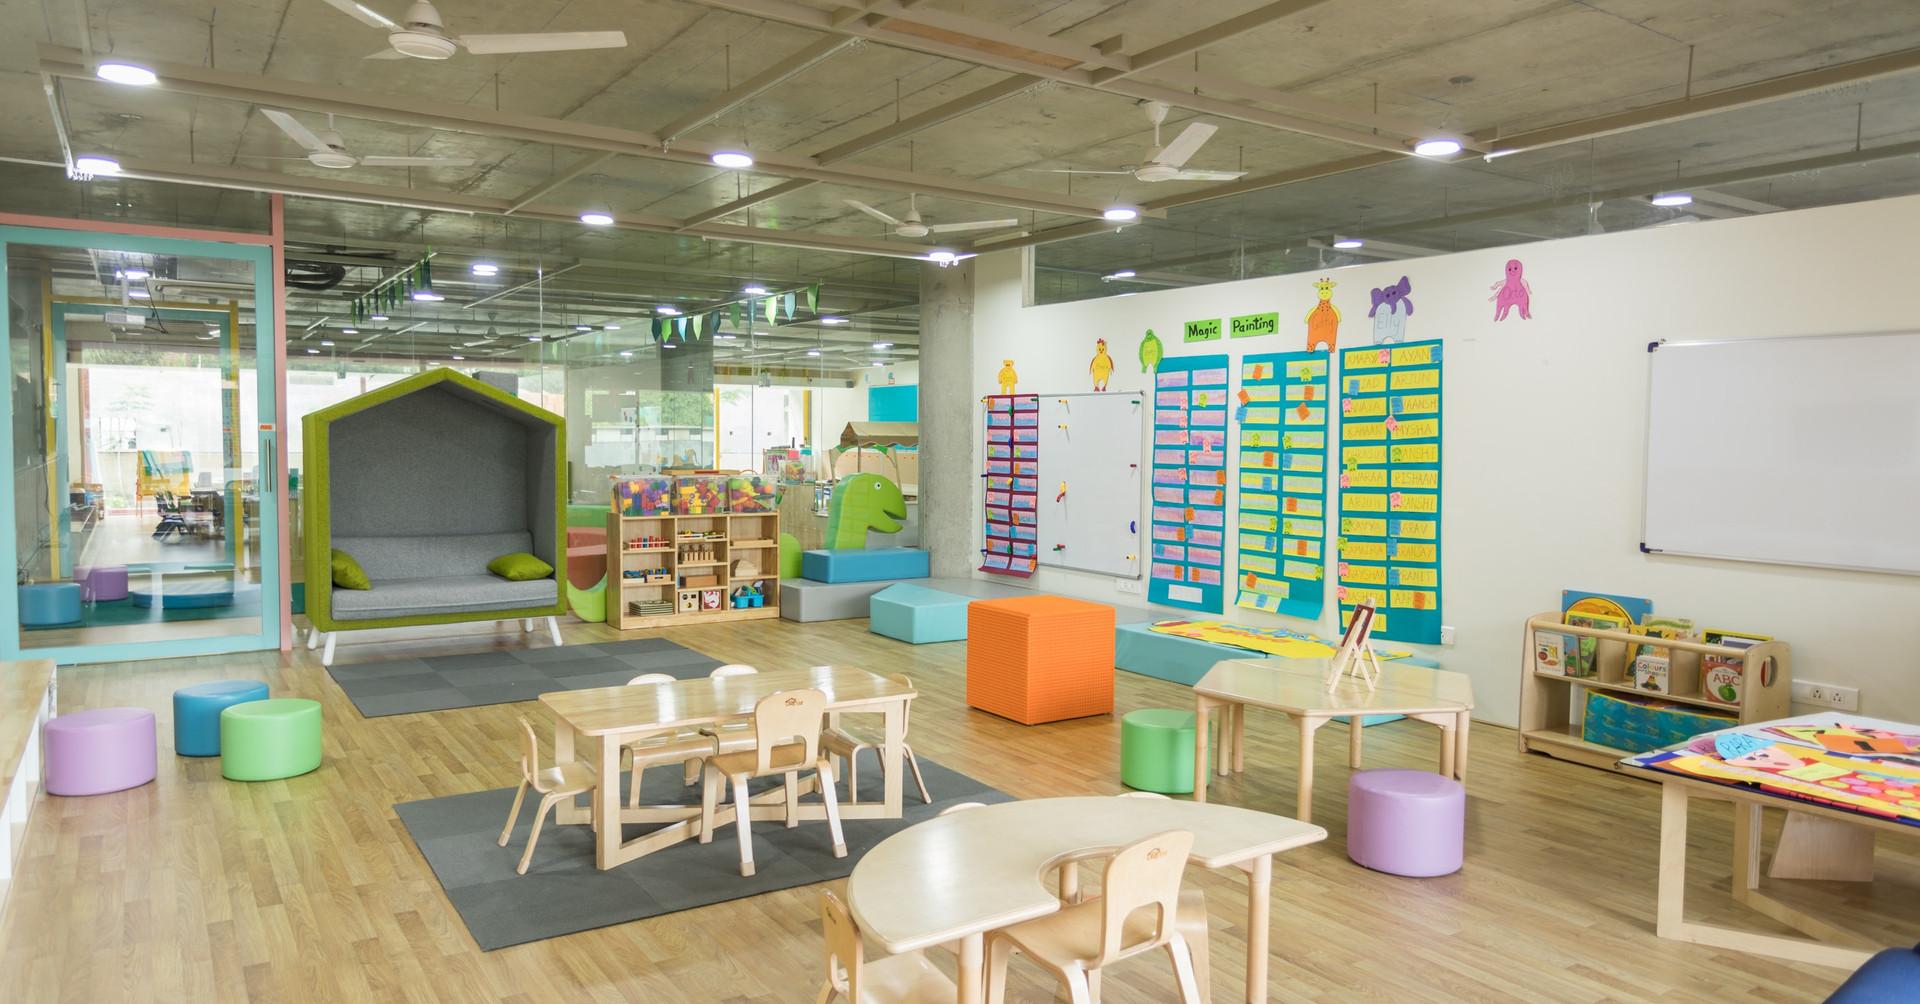 Cozy Classroom